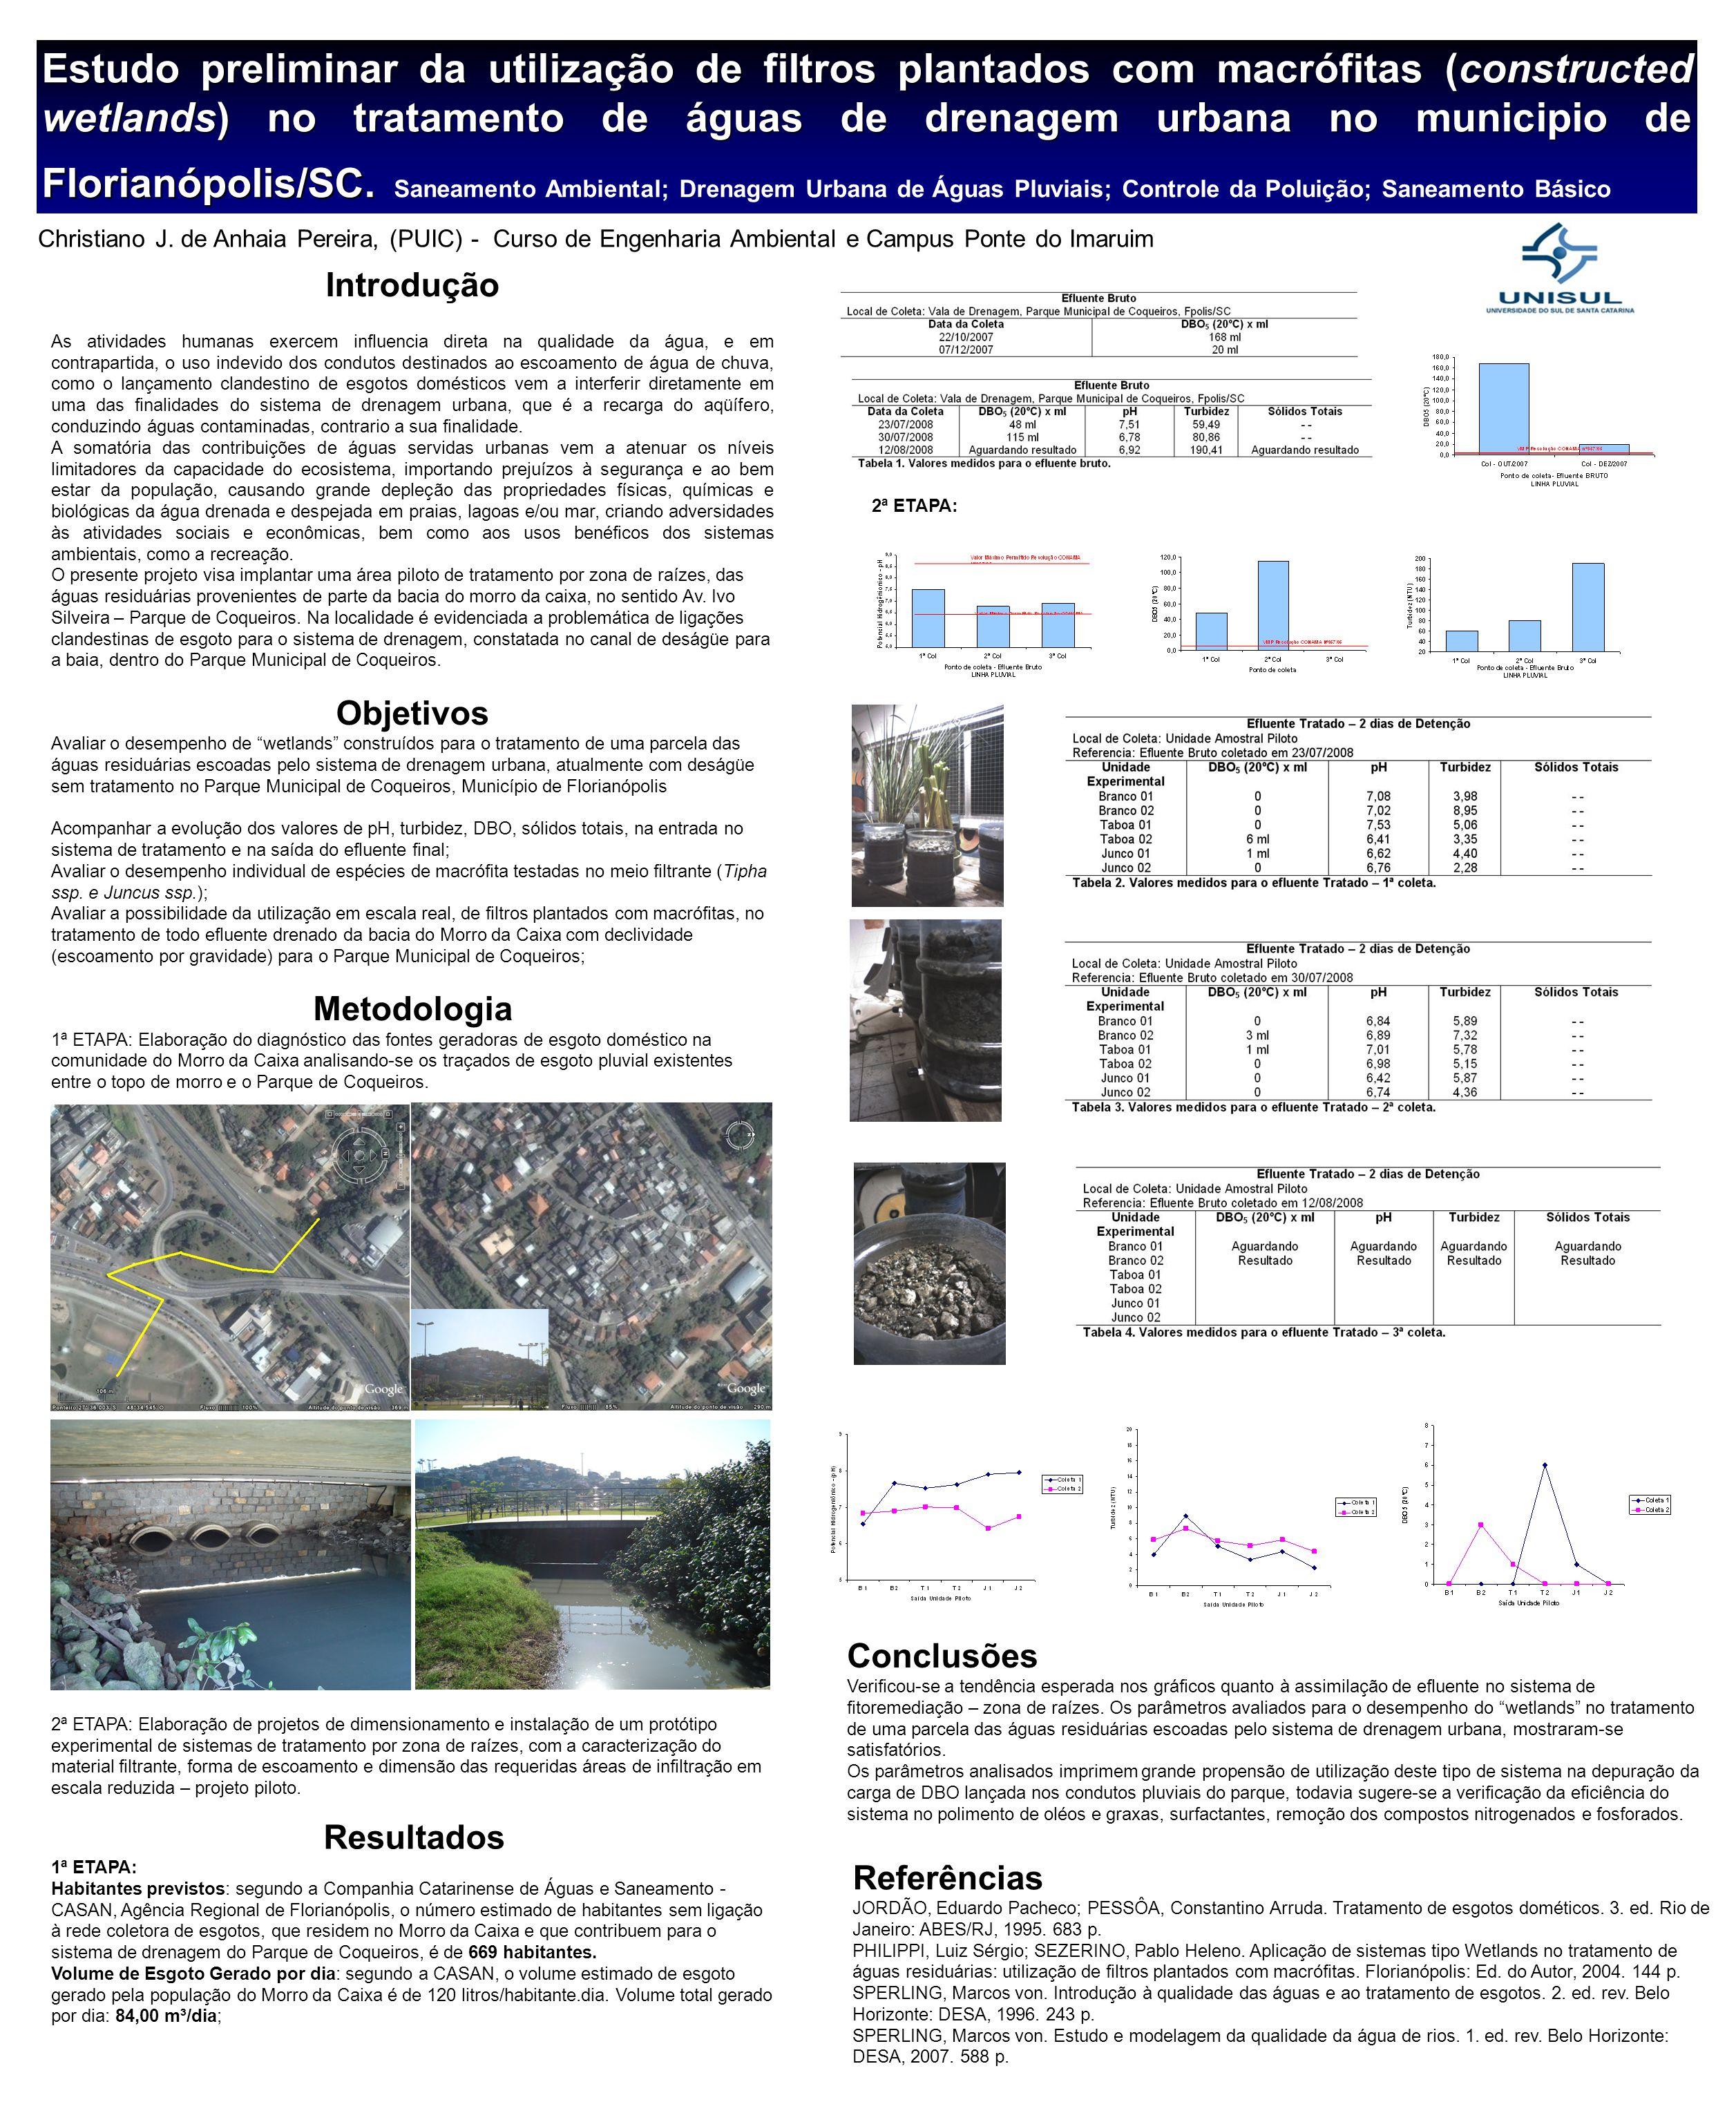 Estudo preliminar da utilização de filtros plantados com macrófitas (constructed wetlands) no tratamento de águas de drenagem urbana no municipio de F